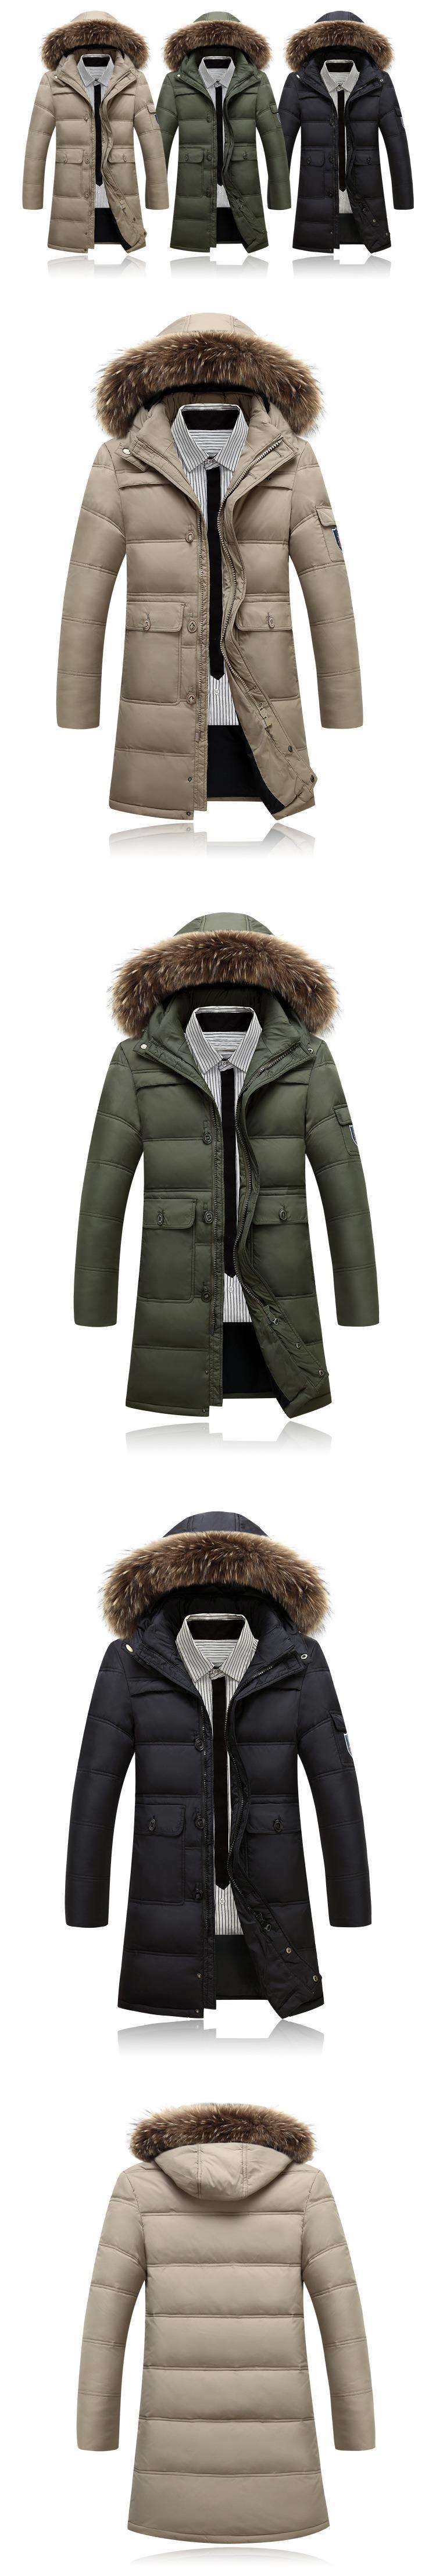 Скидки на Мужская мода вниз Пальто енот Надьямарош воротник пиджаки парки Ветровка Мужчин Высокое Качество тактический Ветрозащитный теплый Плюс размер